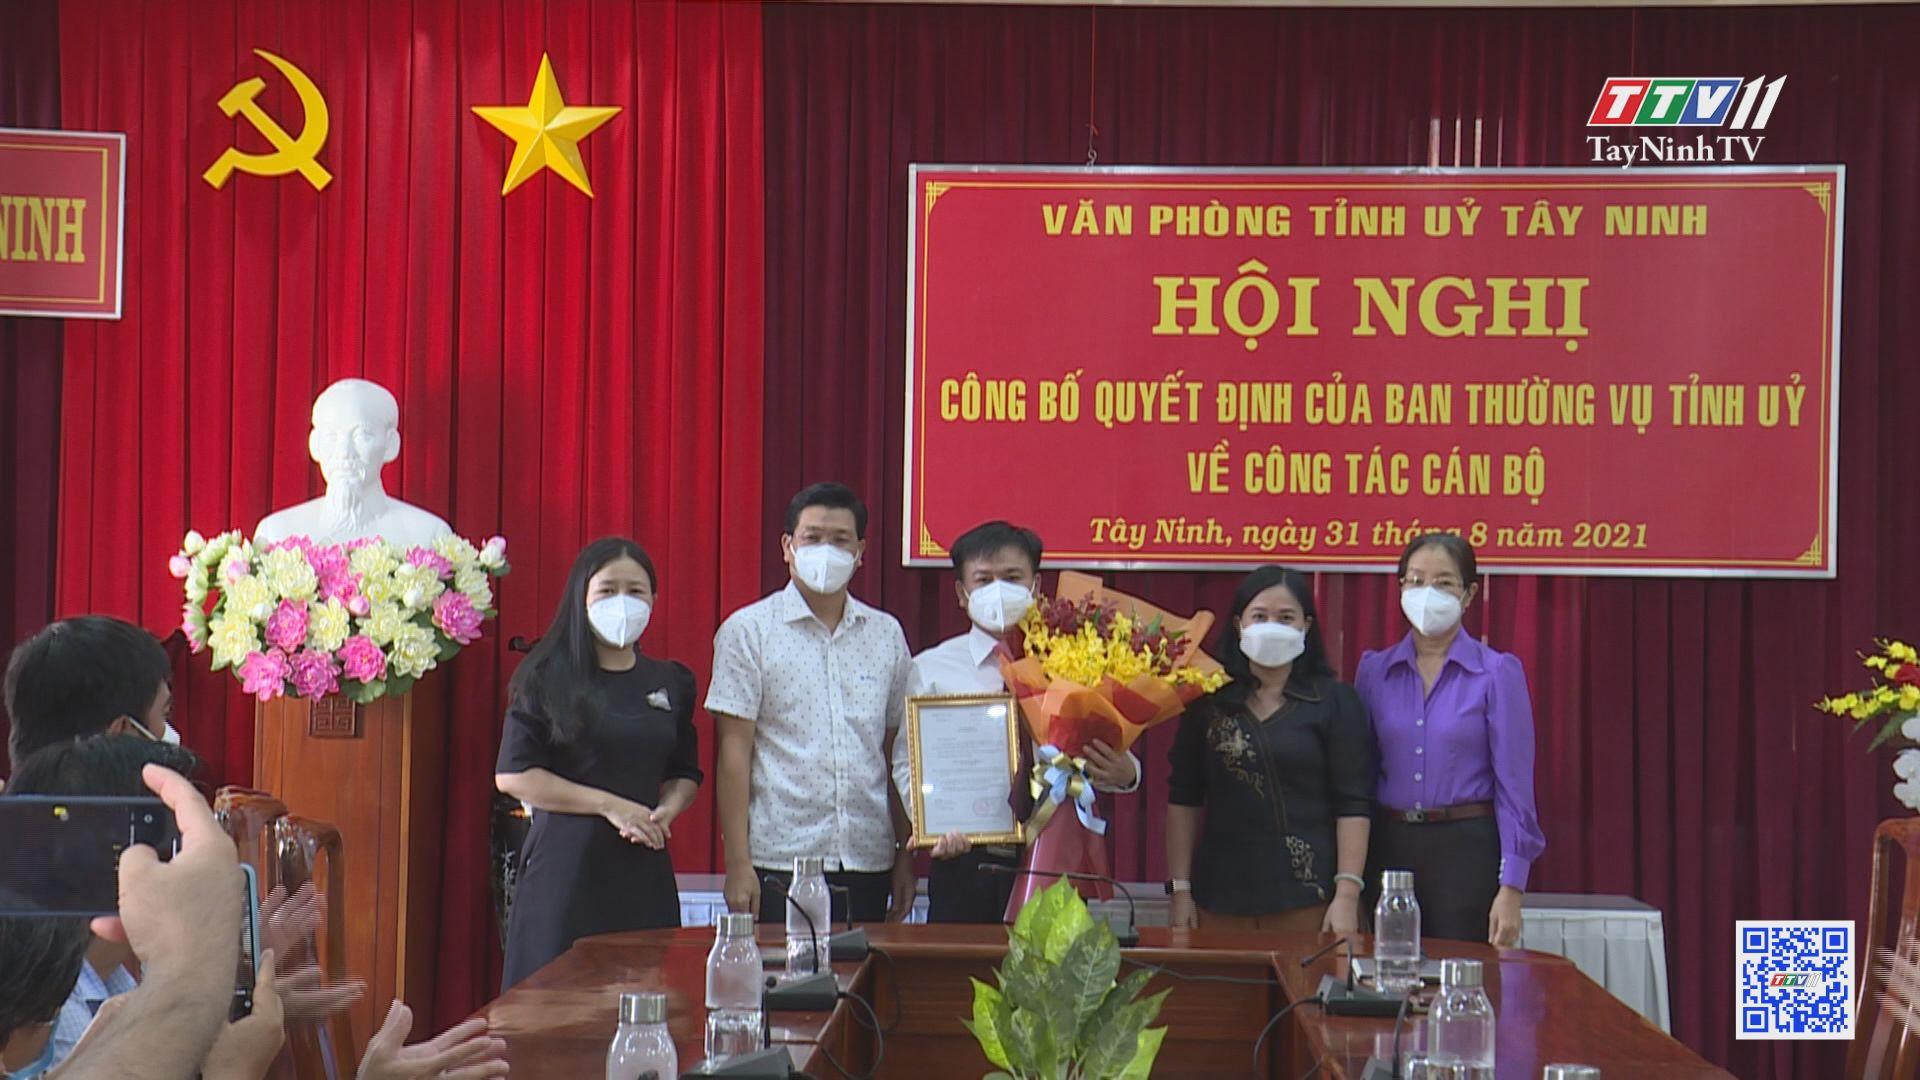 Bổ nhiệm Phó Chánh Văn phòng Tỉnh uỷ | TayNinhTV